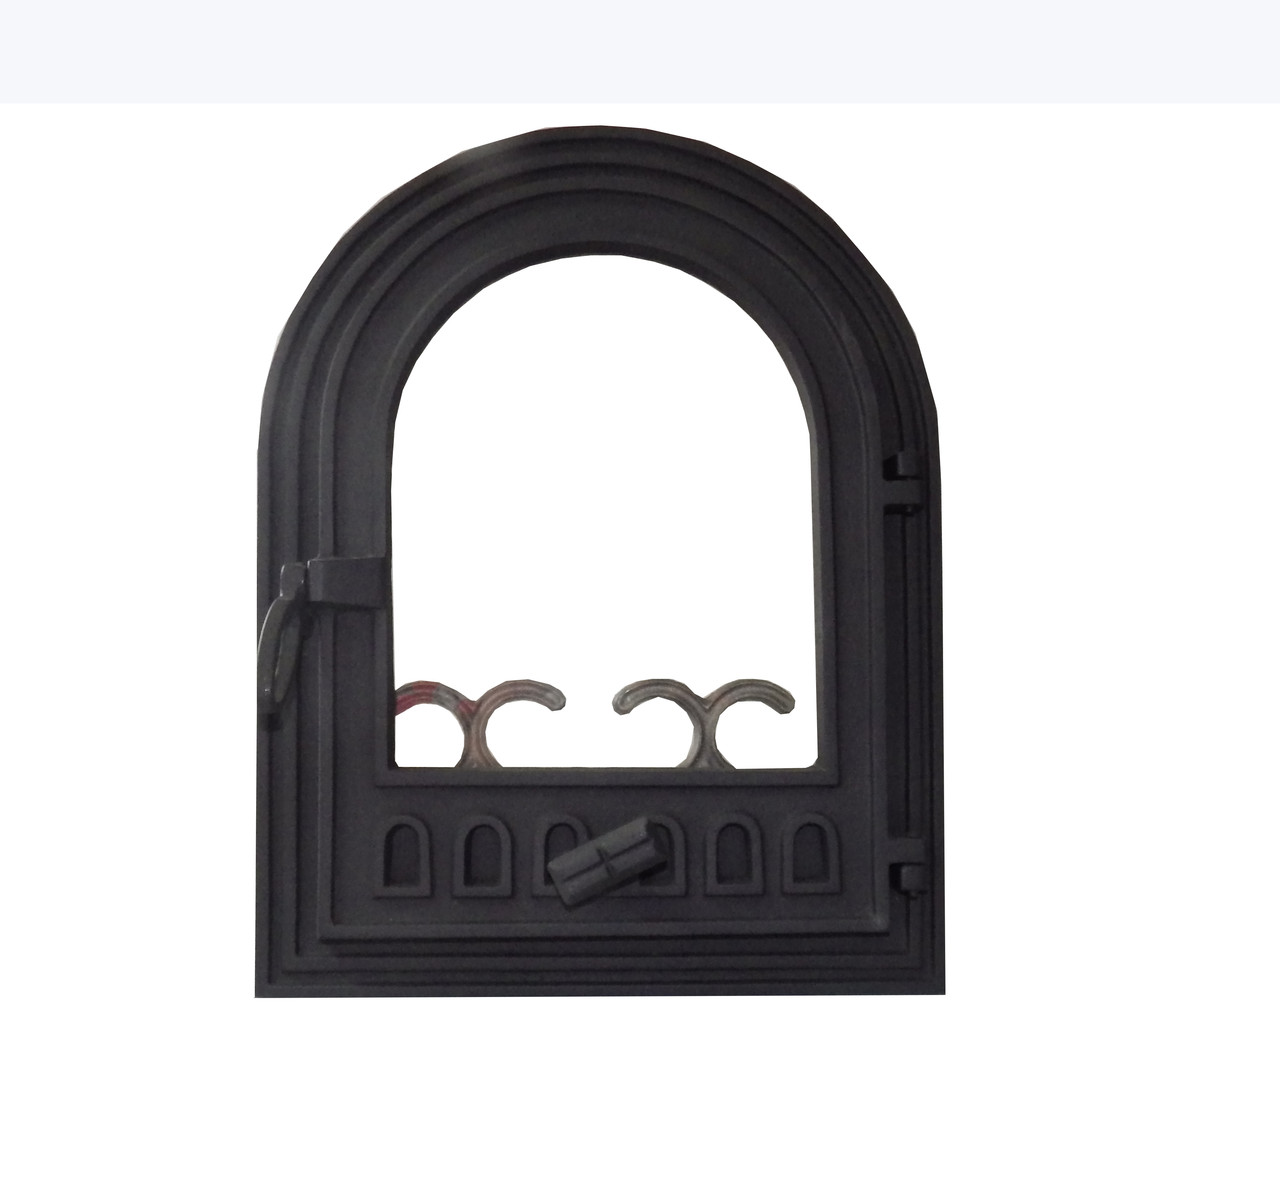 Дверца для камина со стеклом - VVK 36 х 46 см/30х39см